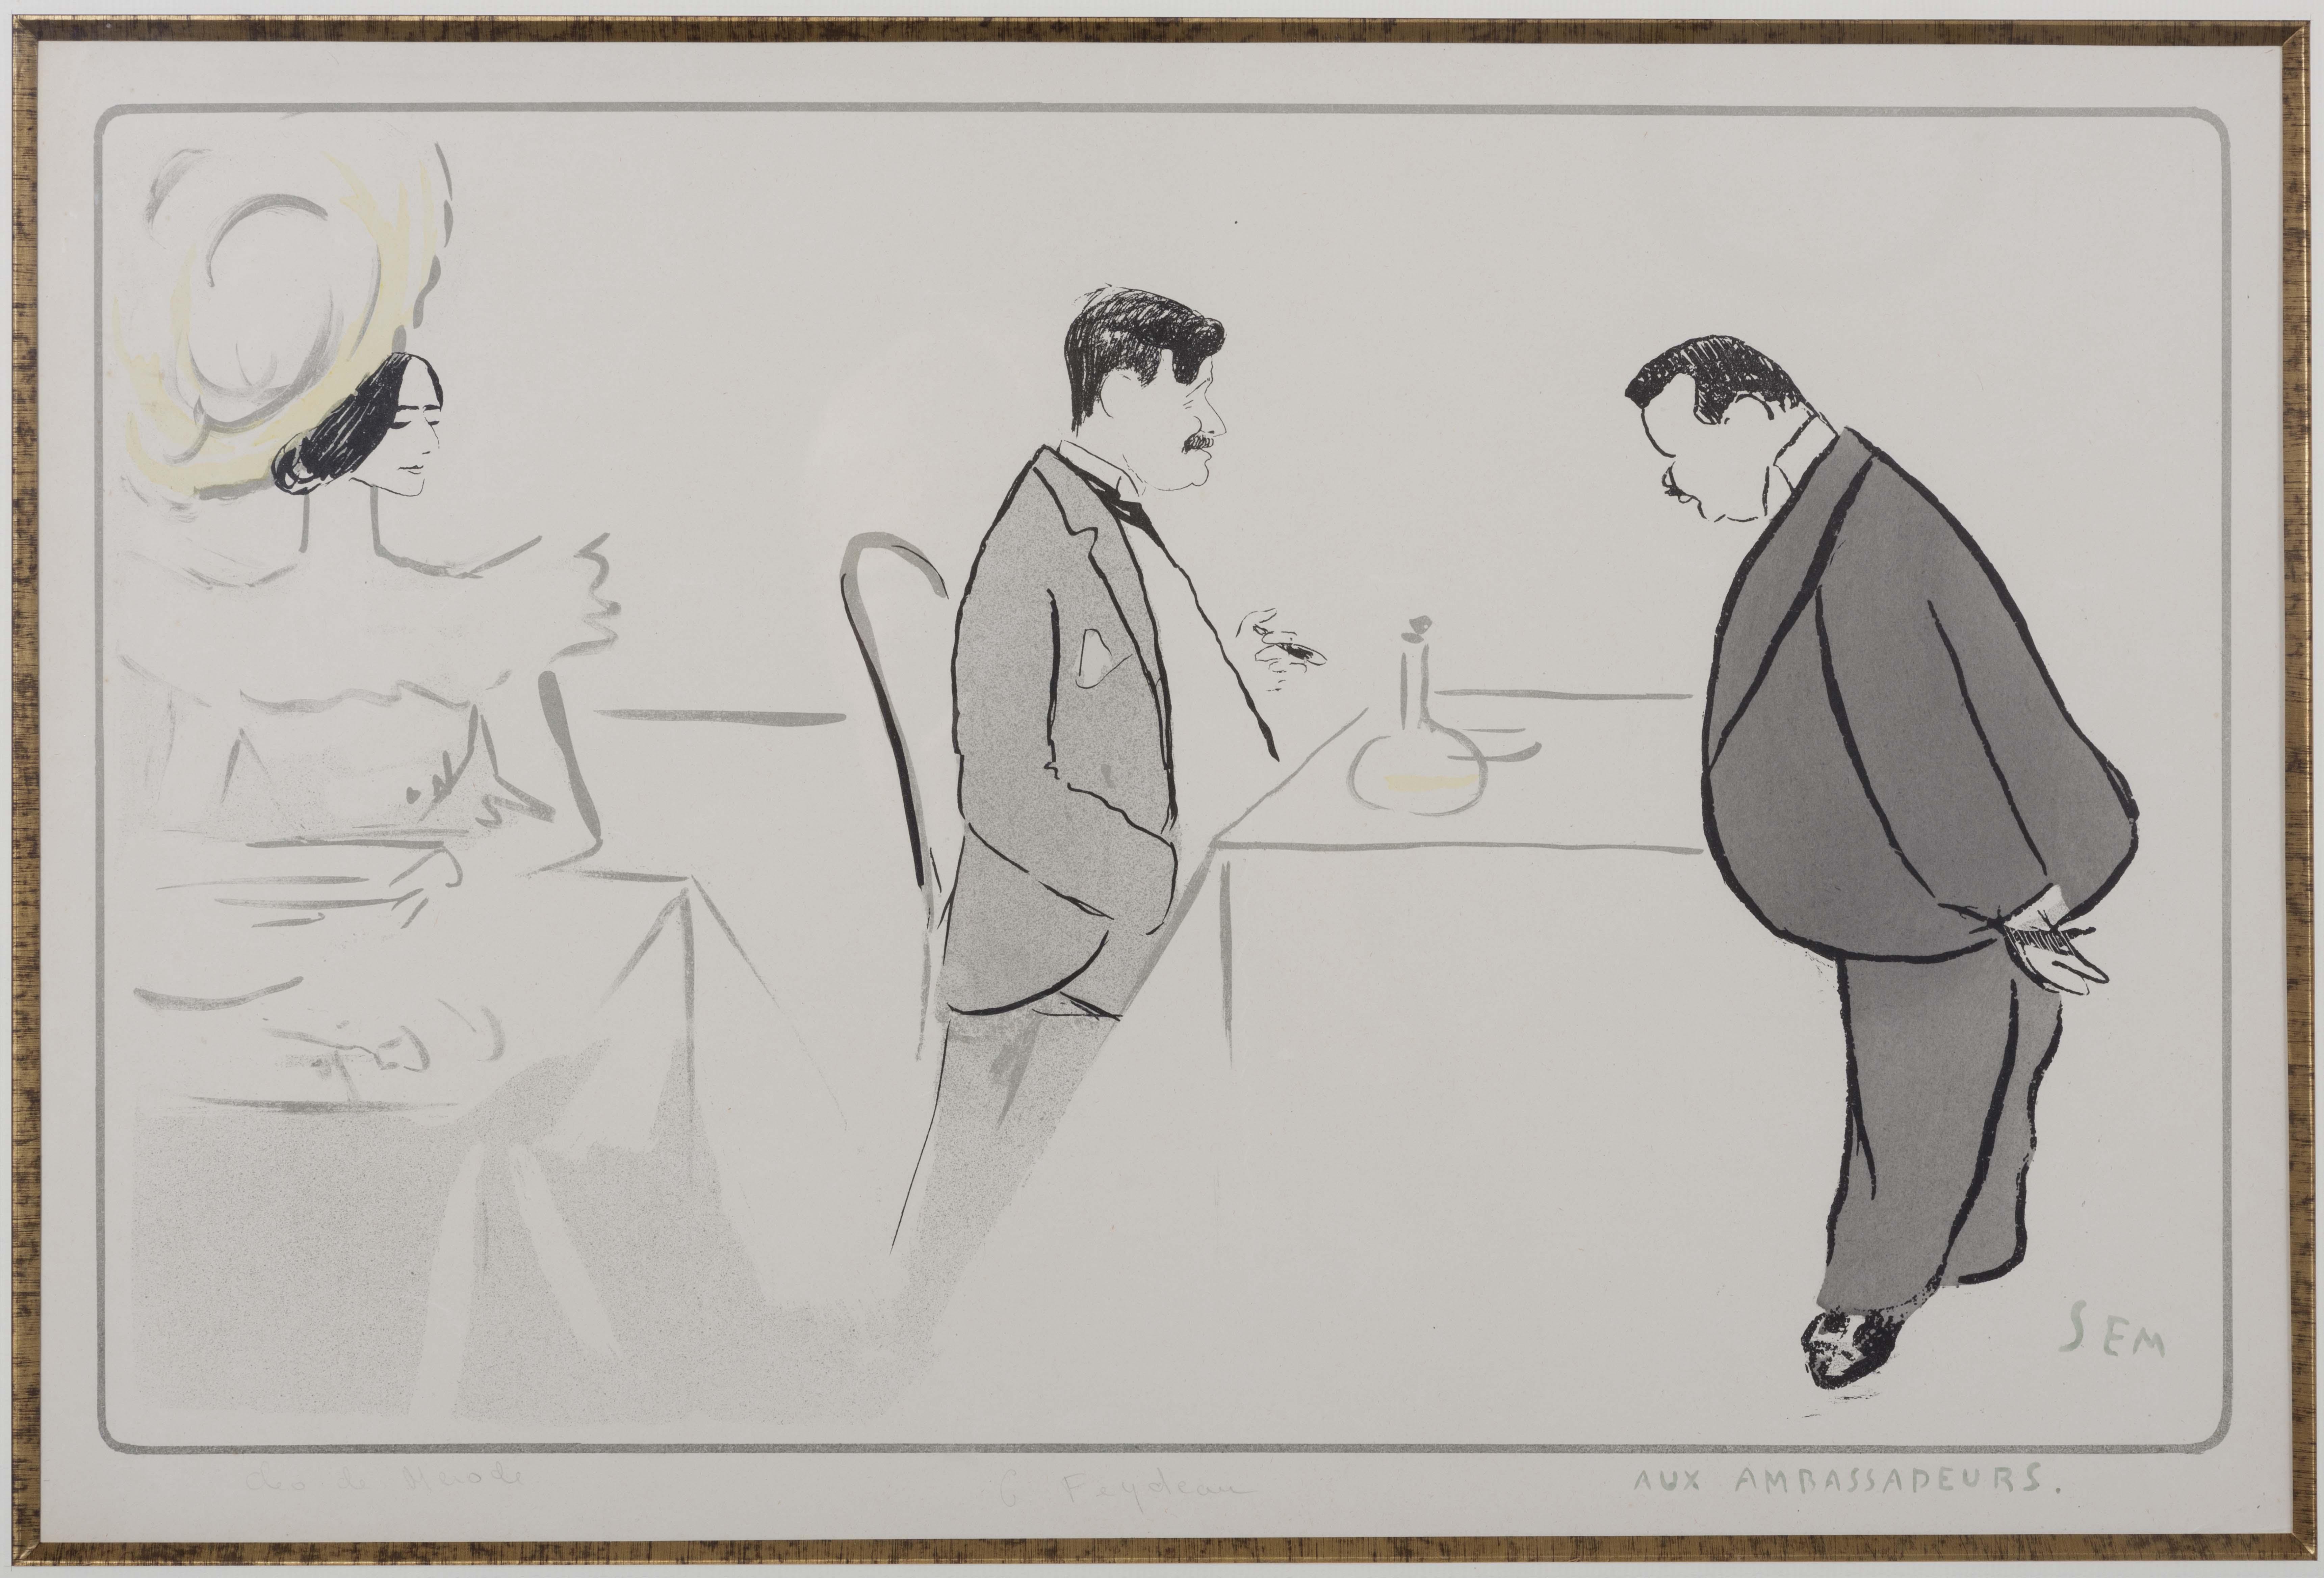 06-clc-o-de-mc-rode-et-georges-feydeau-aux-ambassadeurs-caricature-de-sem-1910